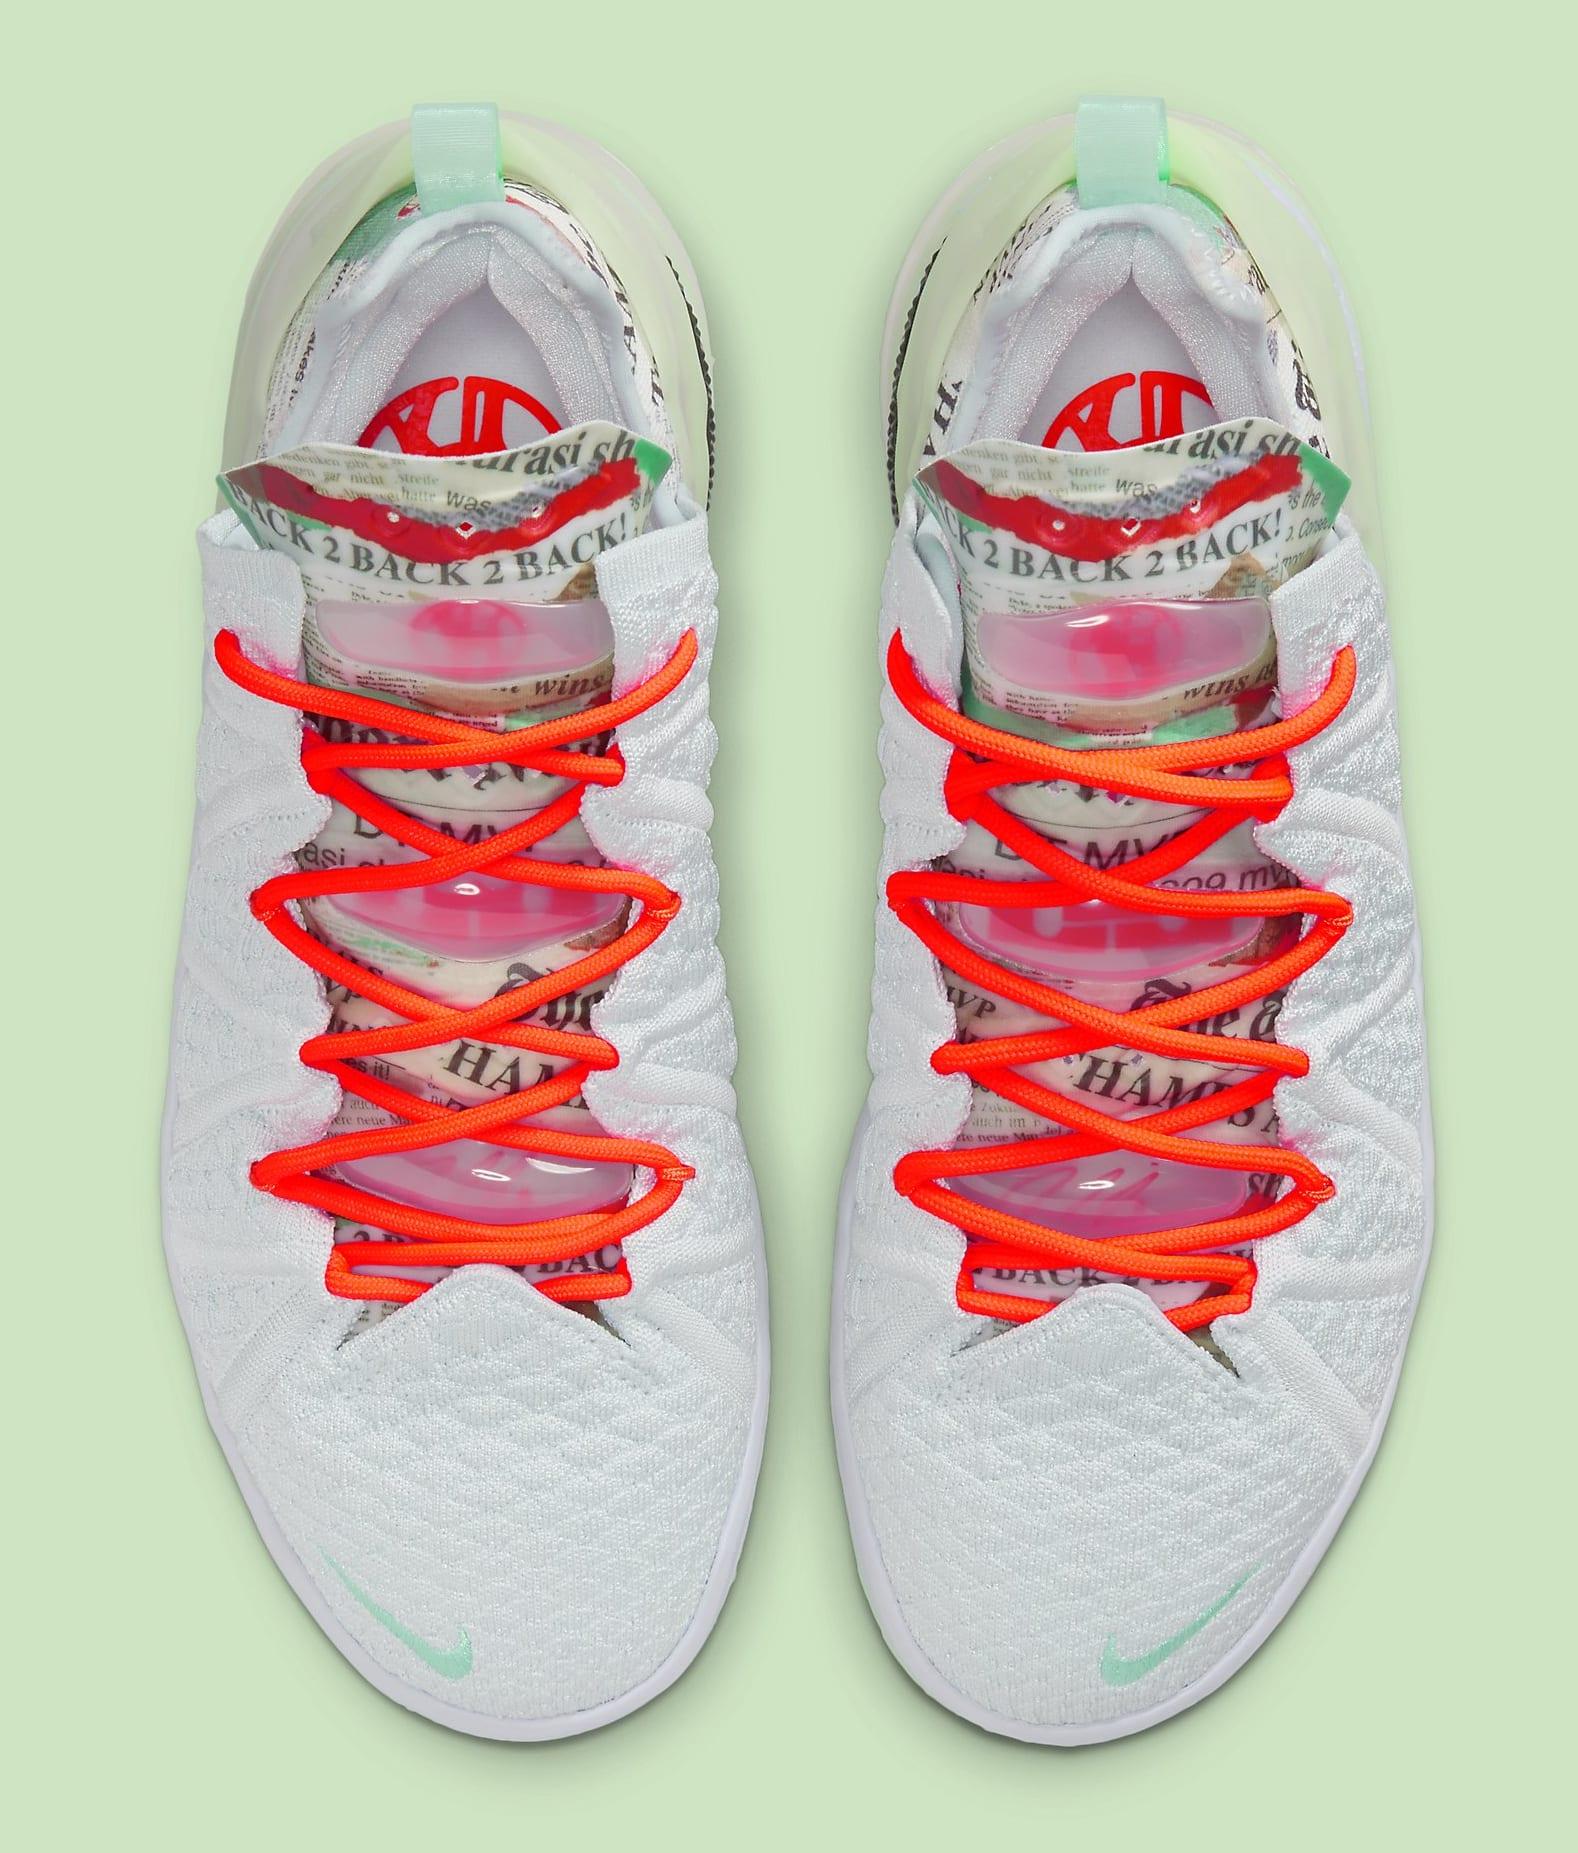 Diana Taurasi x Nike LeBron 18 PE CQ9283-401 Top